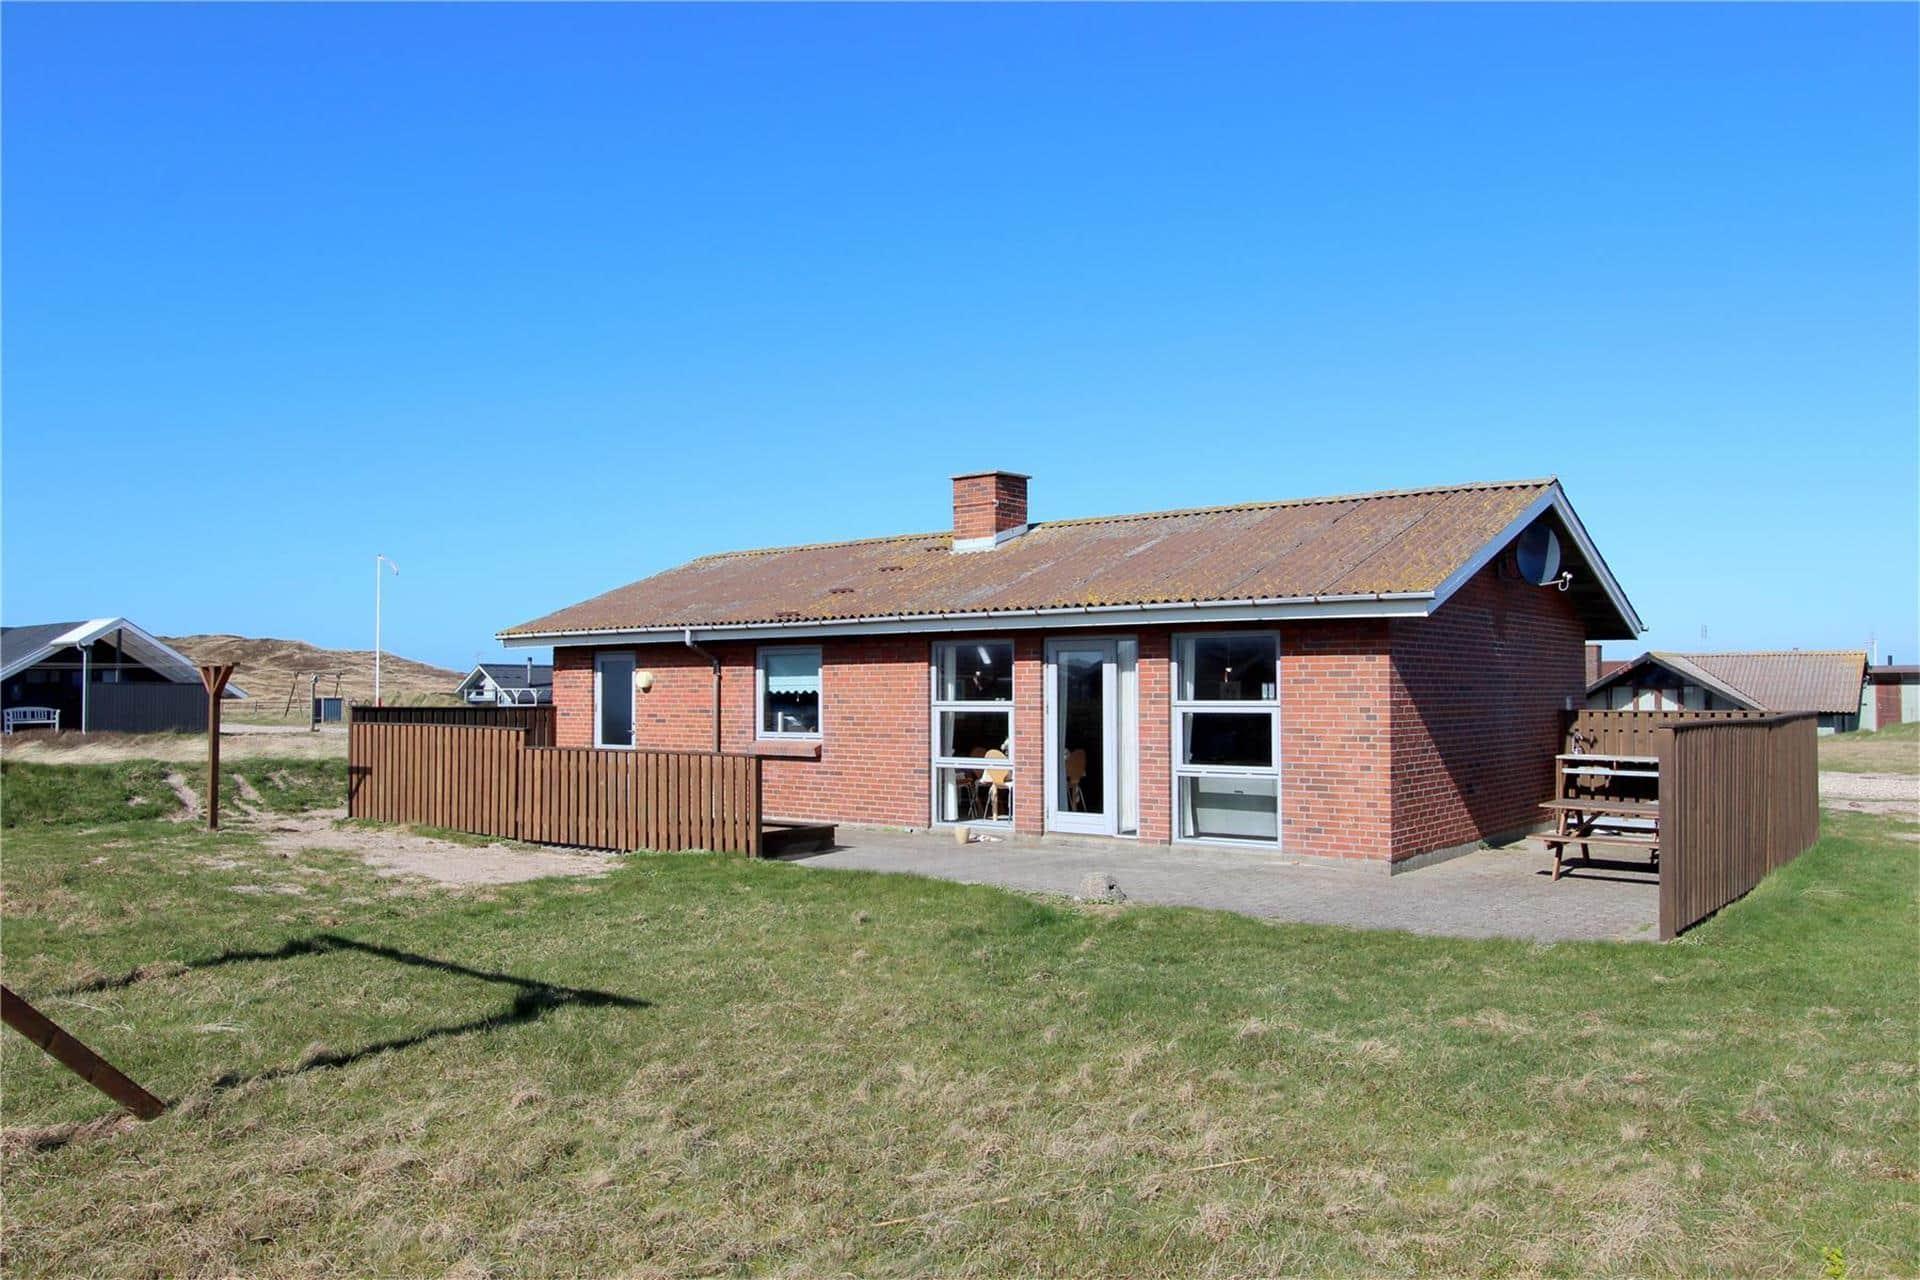 Image 1-20 Holiday-home 161, Vejlby Klit 329, DK - 7673 Harboøre